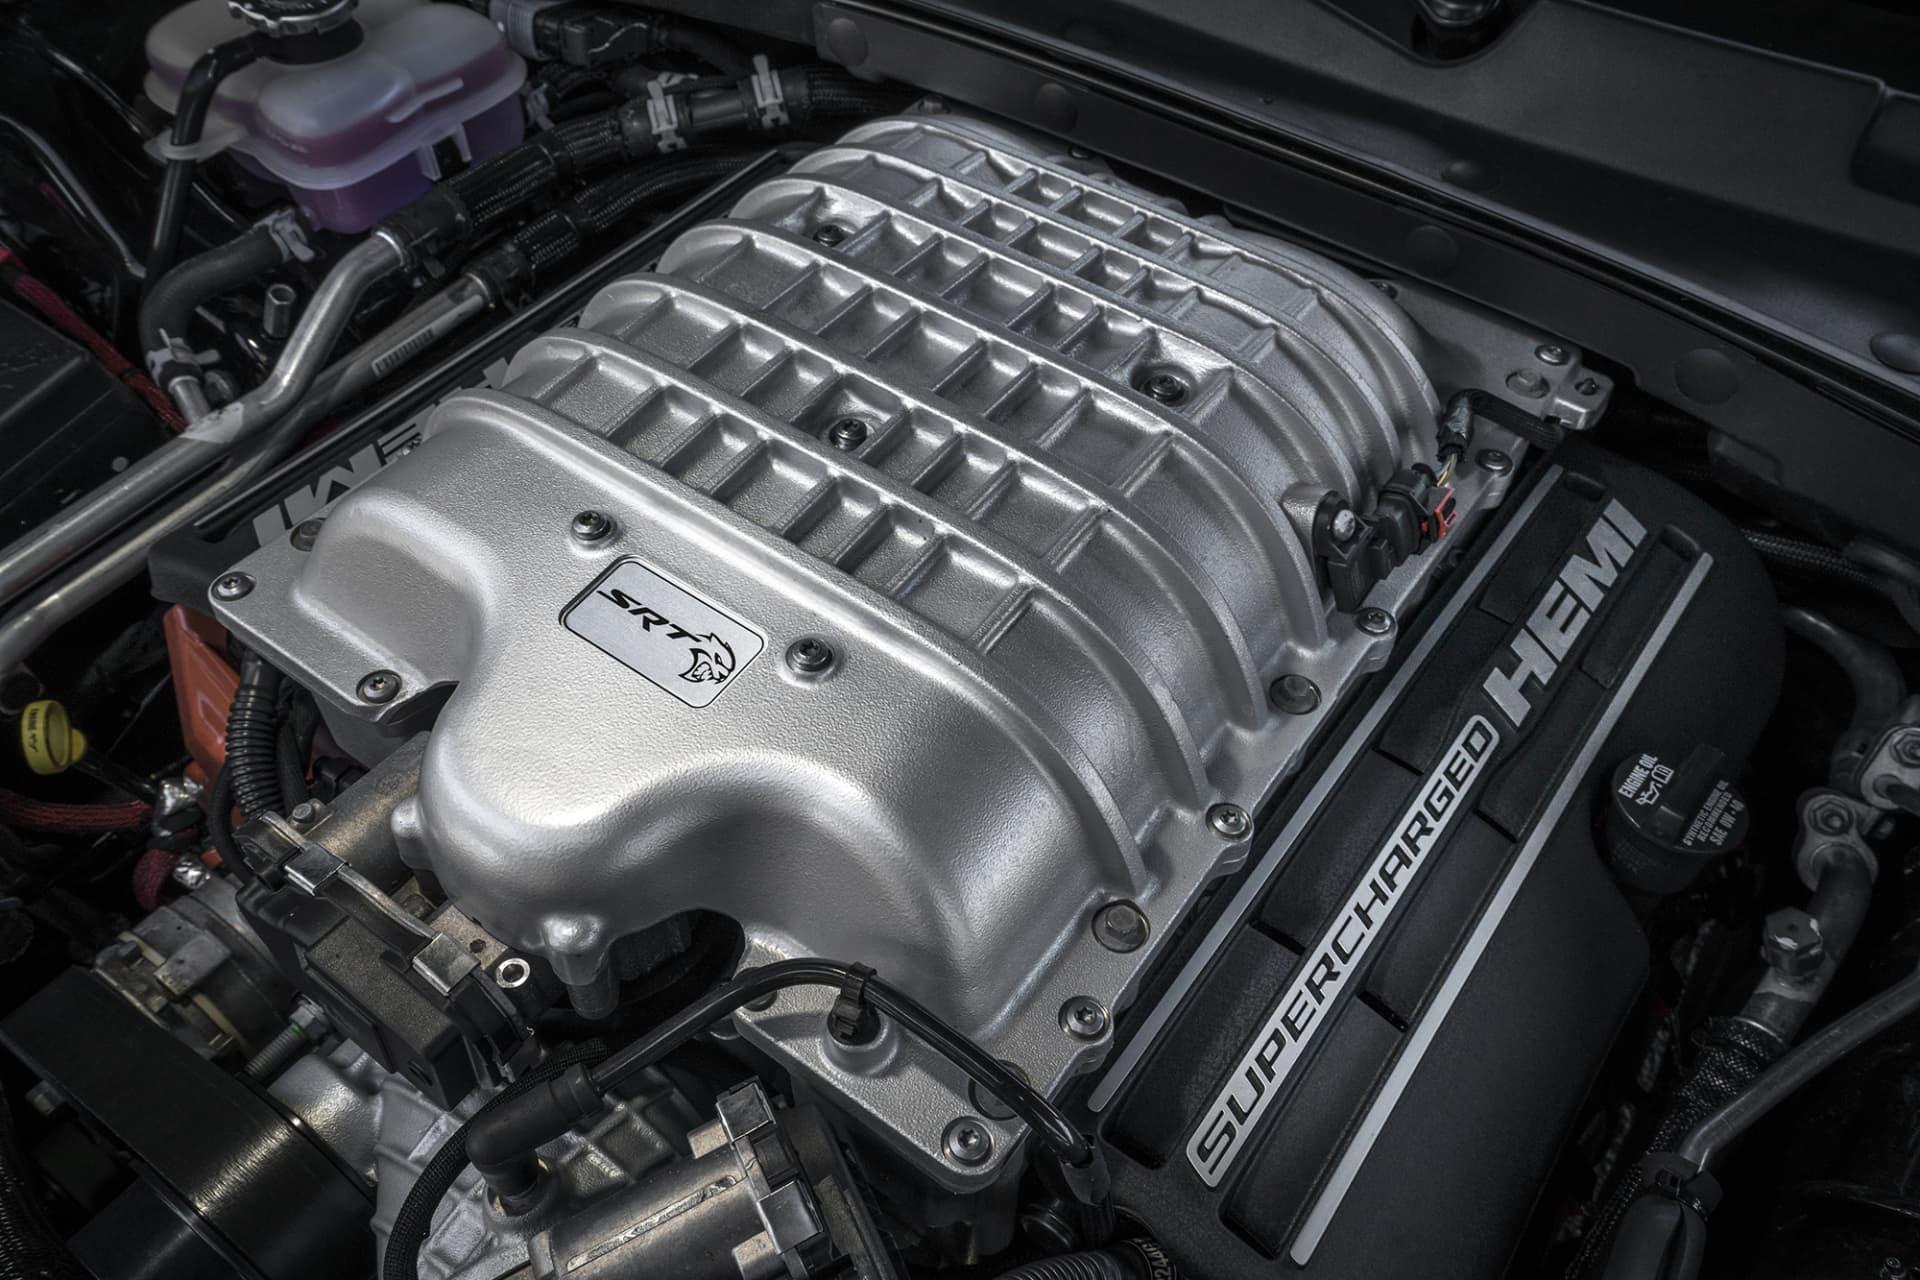 Motorn som är en kompressormatad V8 på 6,2 liter är inget annat än ett mästerverk. Med 717 hästar och 881 Newtonmeter skulle man nästan kunna tro att detta är kraft nog att flyttat på berg. Konsumtionen av bränsle ligger dock i klass med en alkoholists konsumption av sprit.